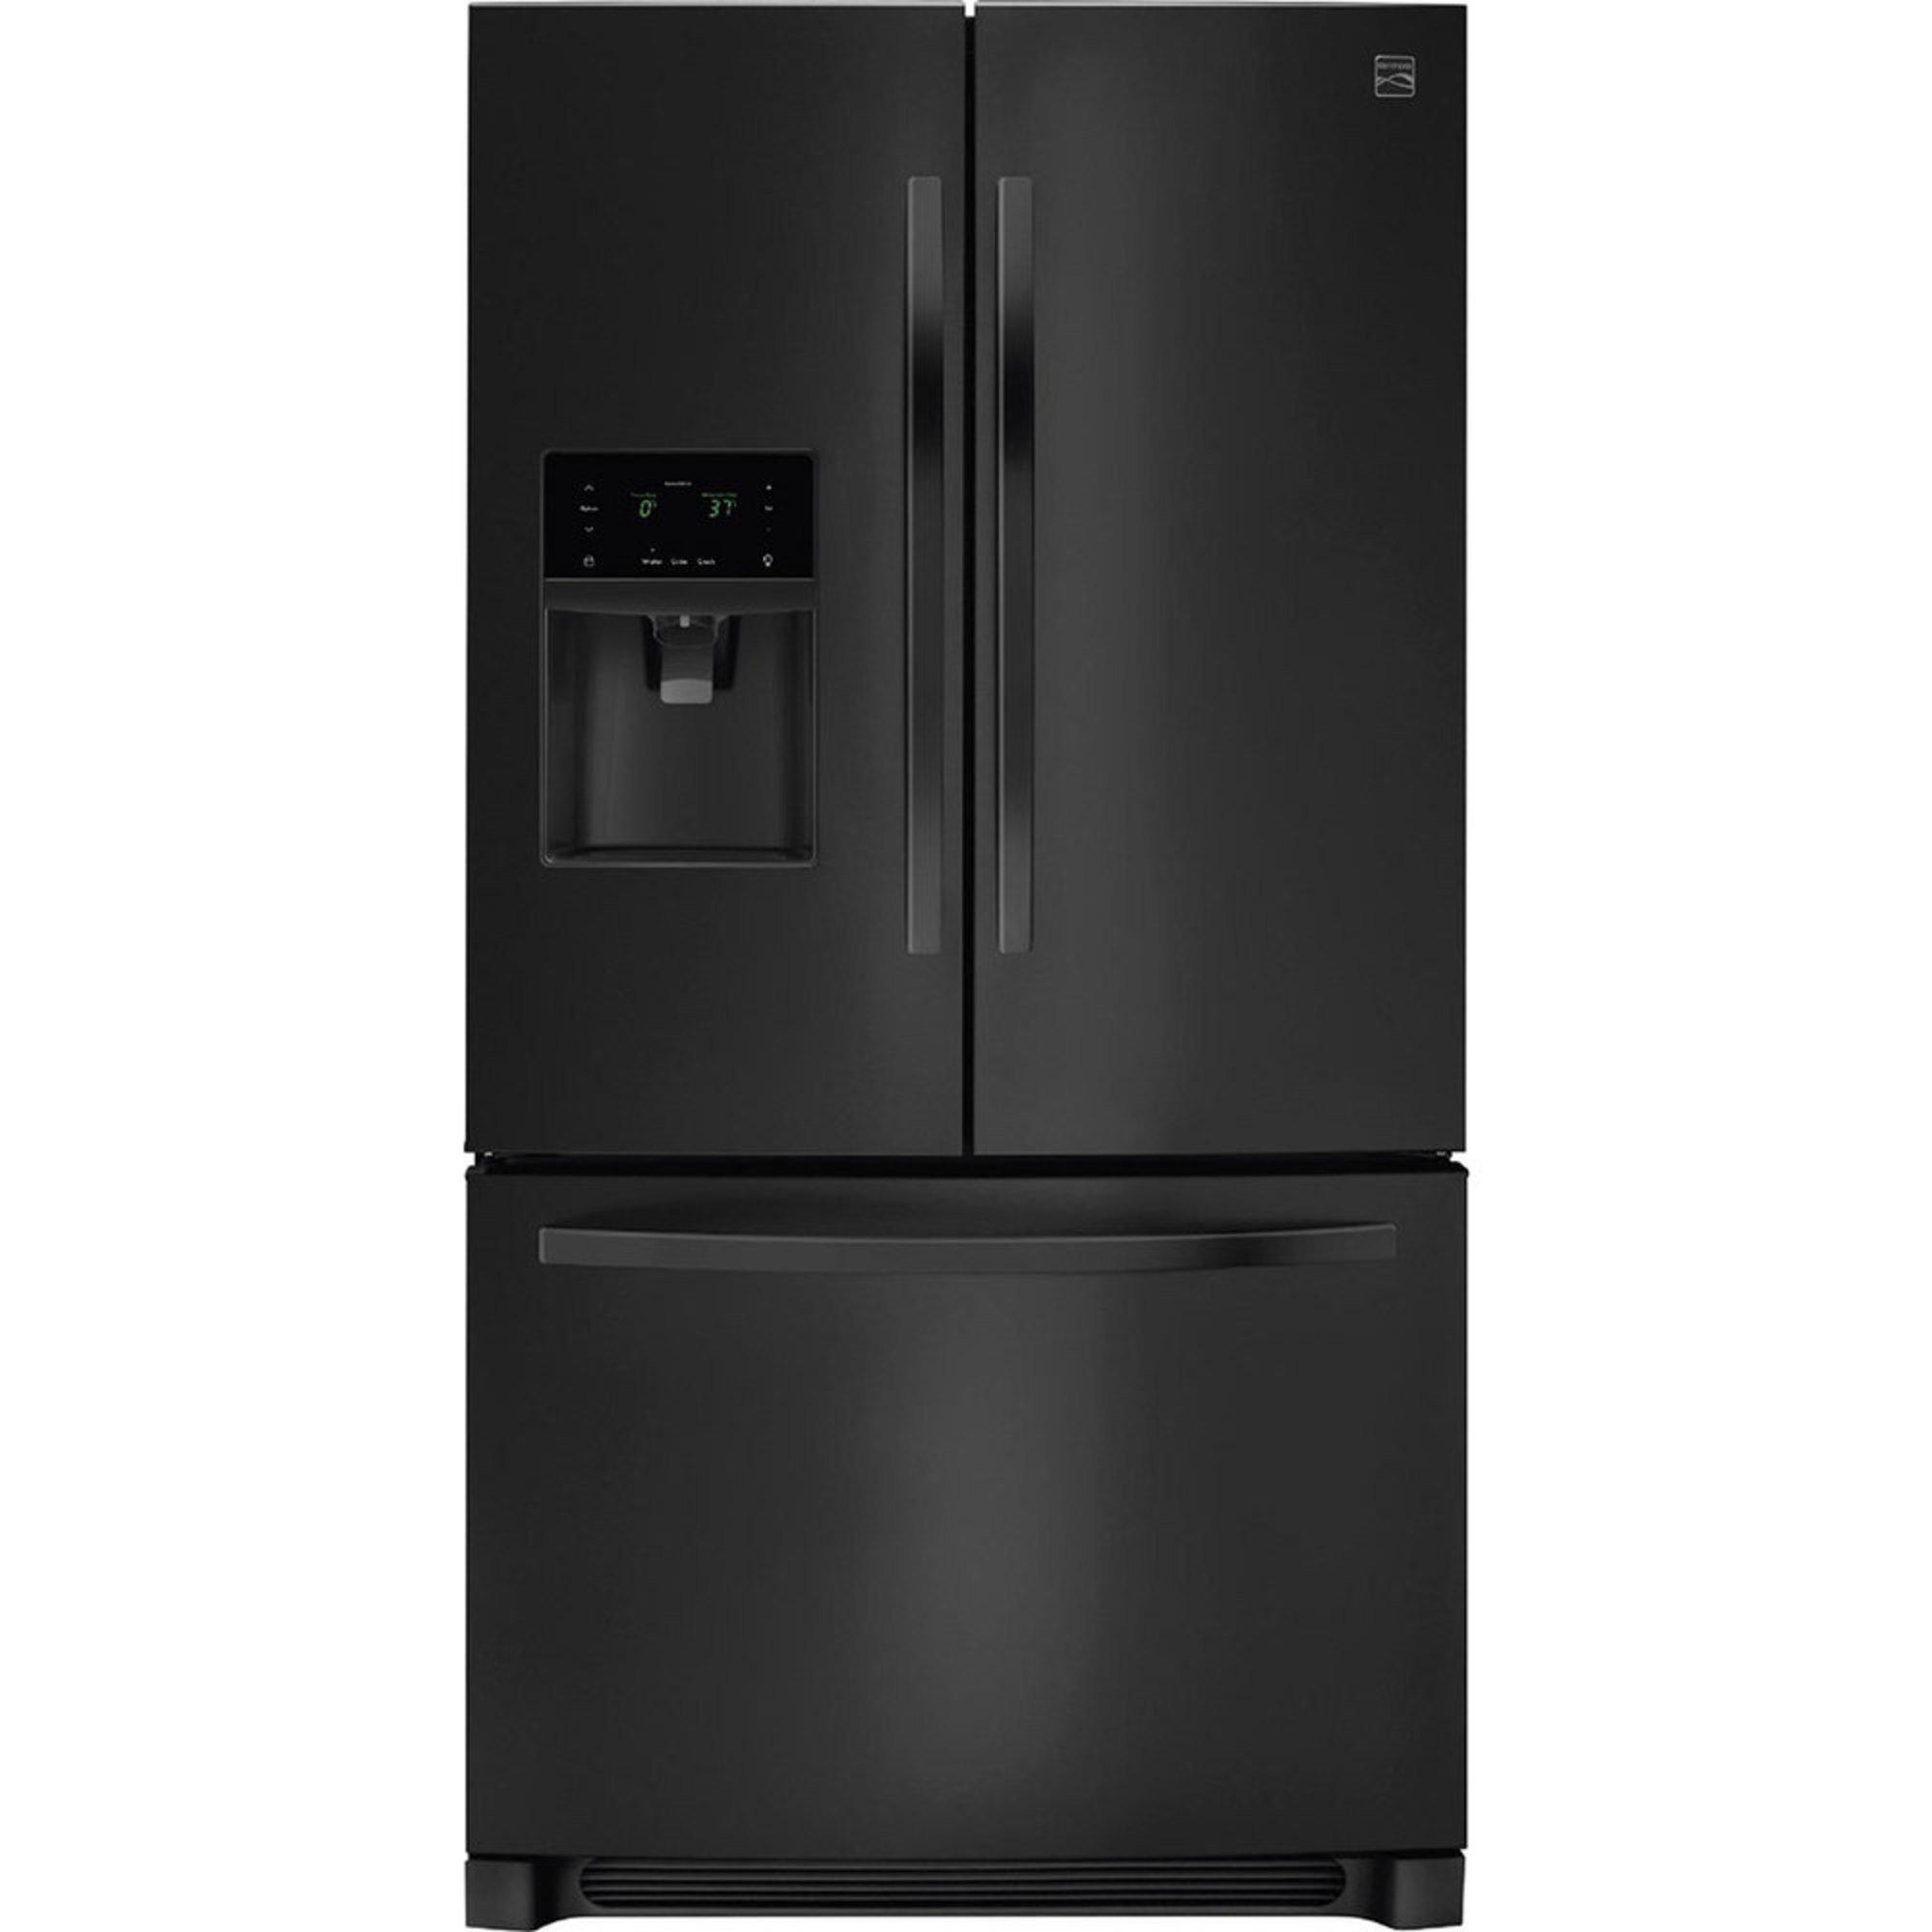 27 Cu Ft French Door Refrigerator: Kenmore 27.2-cu.ft. French Door Refrigerator, Black (46-70349)